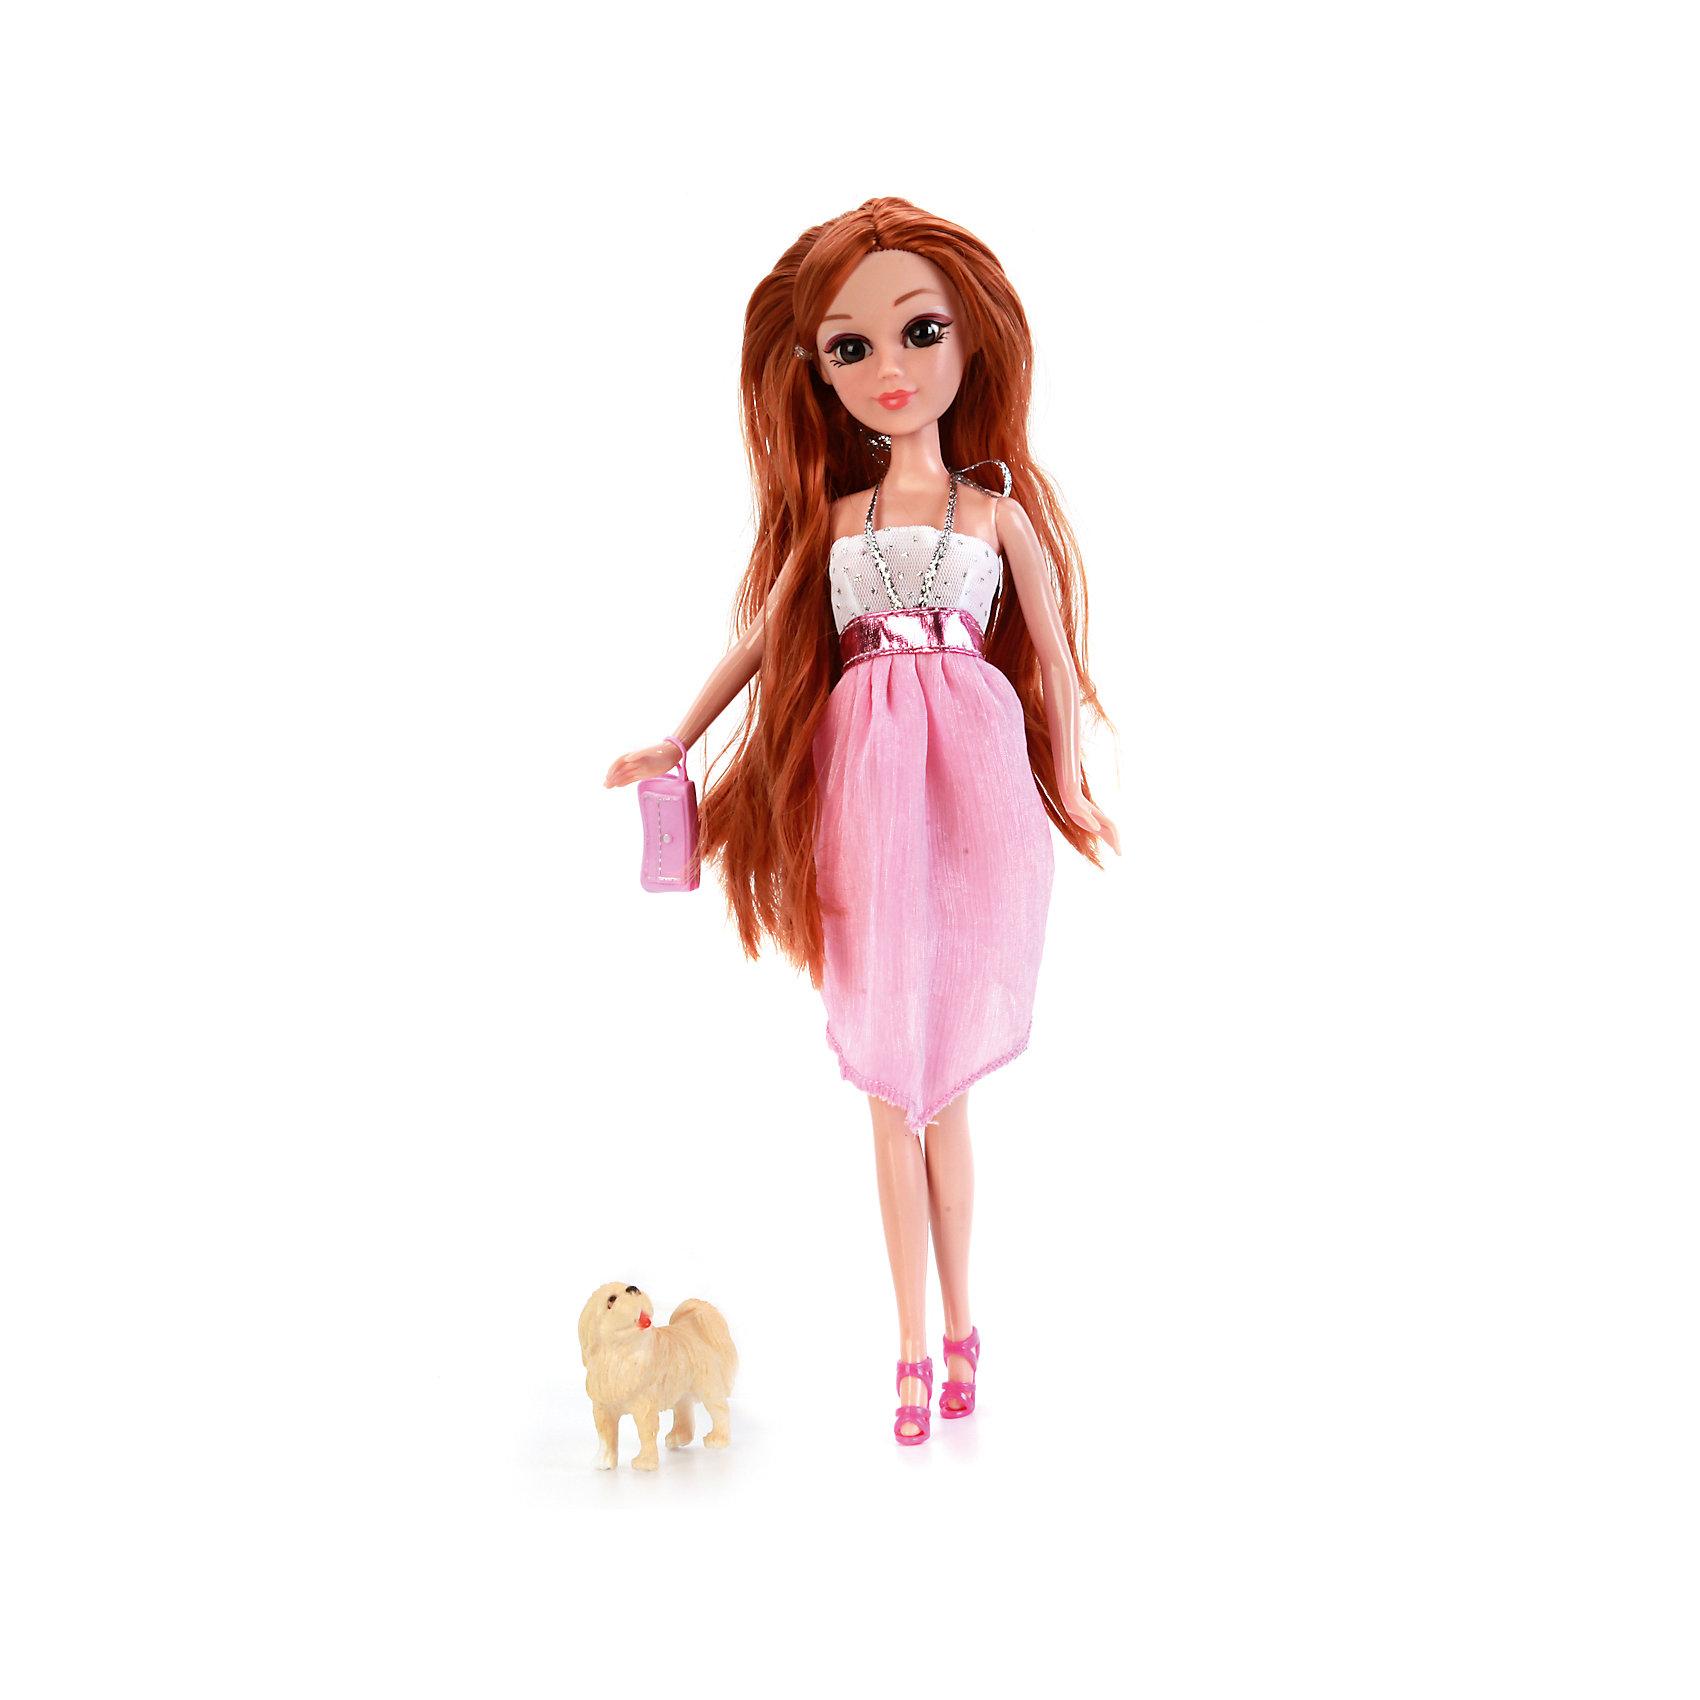 Кукла Мария 29 см, с гламурной собачкой и аксессуарами, КарапузКуклы<br>Набор кукла Мария с питомцем приведет в восторг любую девочку. Мария обожает ухаживать за своим питомцем, ласкать и играть с этими чудесным созданиям. В наборе есть все необходимое для ухода за питомцем. Когда Мария отправляется на прогулку со своим гламурным питомцем, она сразу приковывает к себе взгляды. У куклы подвижные руки и ноги, голова. У Марии реалистичные пластиковые глаза и густые ресницы, которые делают ее взгляд особенно выразительным. Красивые волосы можно причесывать и делать ей различные прически.<br><br>Ширина мм: 38<br>Глубина мм: 70<br>Высота мм: 45<br>Вес г: 370<br>Возраст от месяцев: 36<br>Возраст до месяцев: 60<br>Пол: Женский<br>Возраст: Детский<br>SKU: 6863988